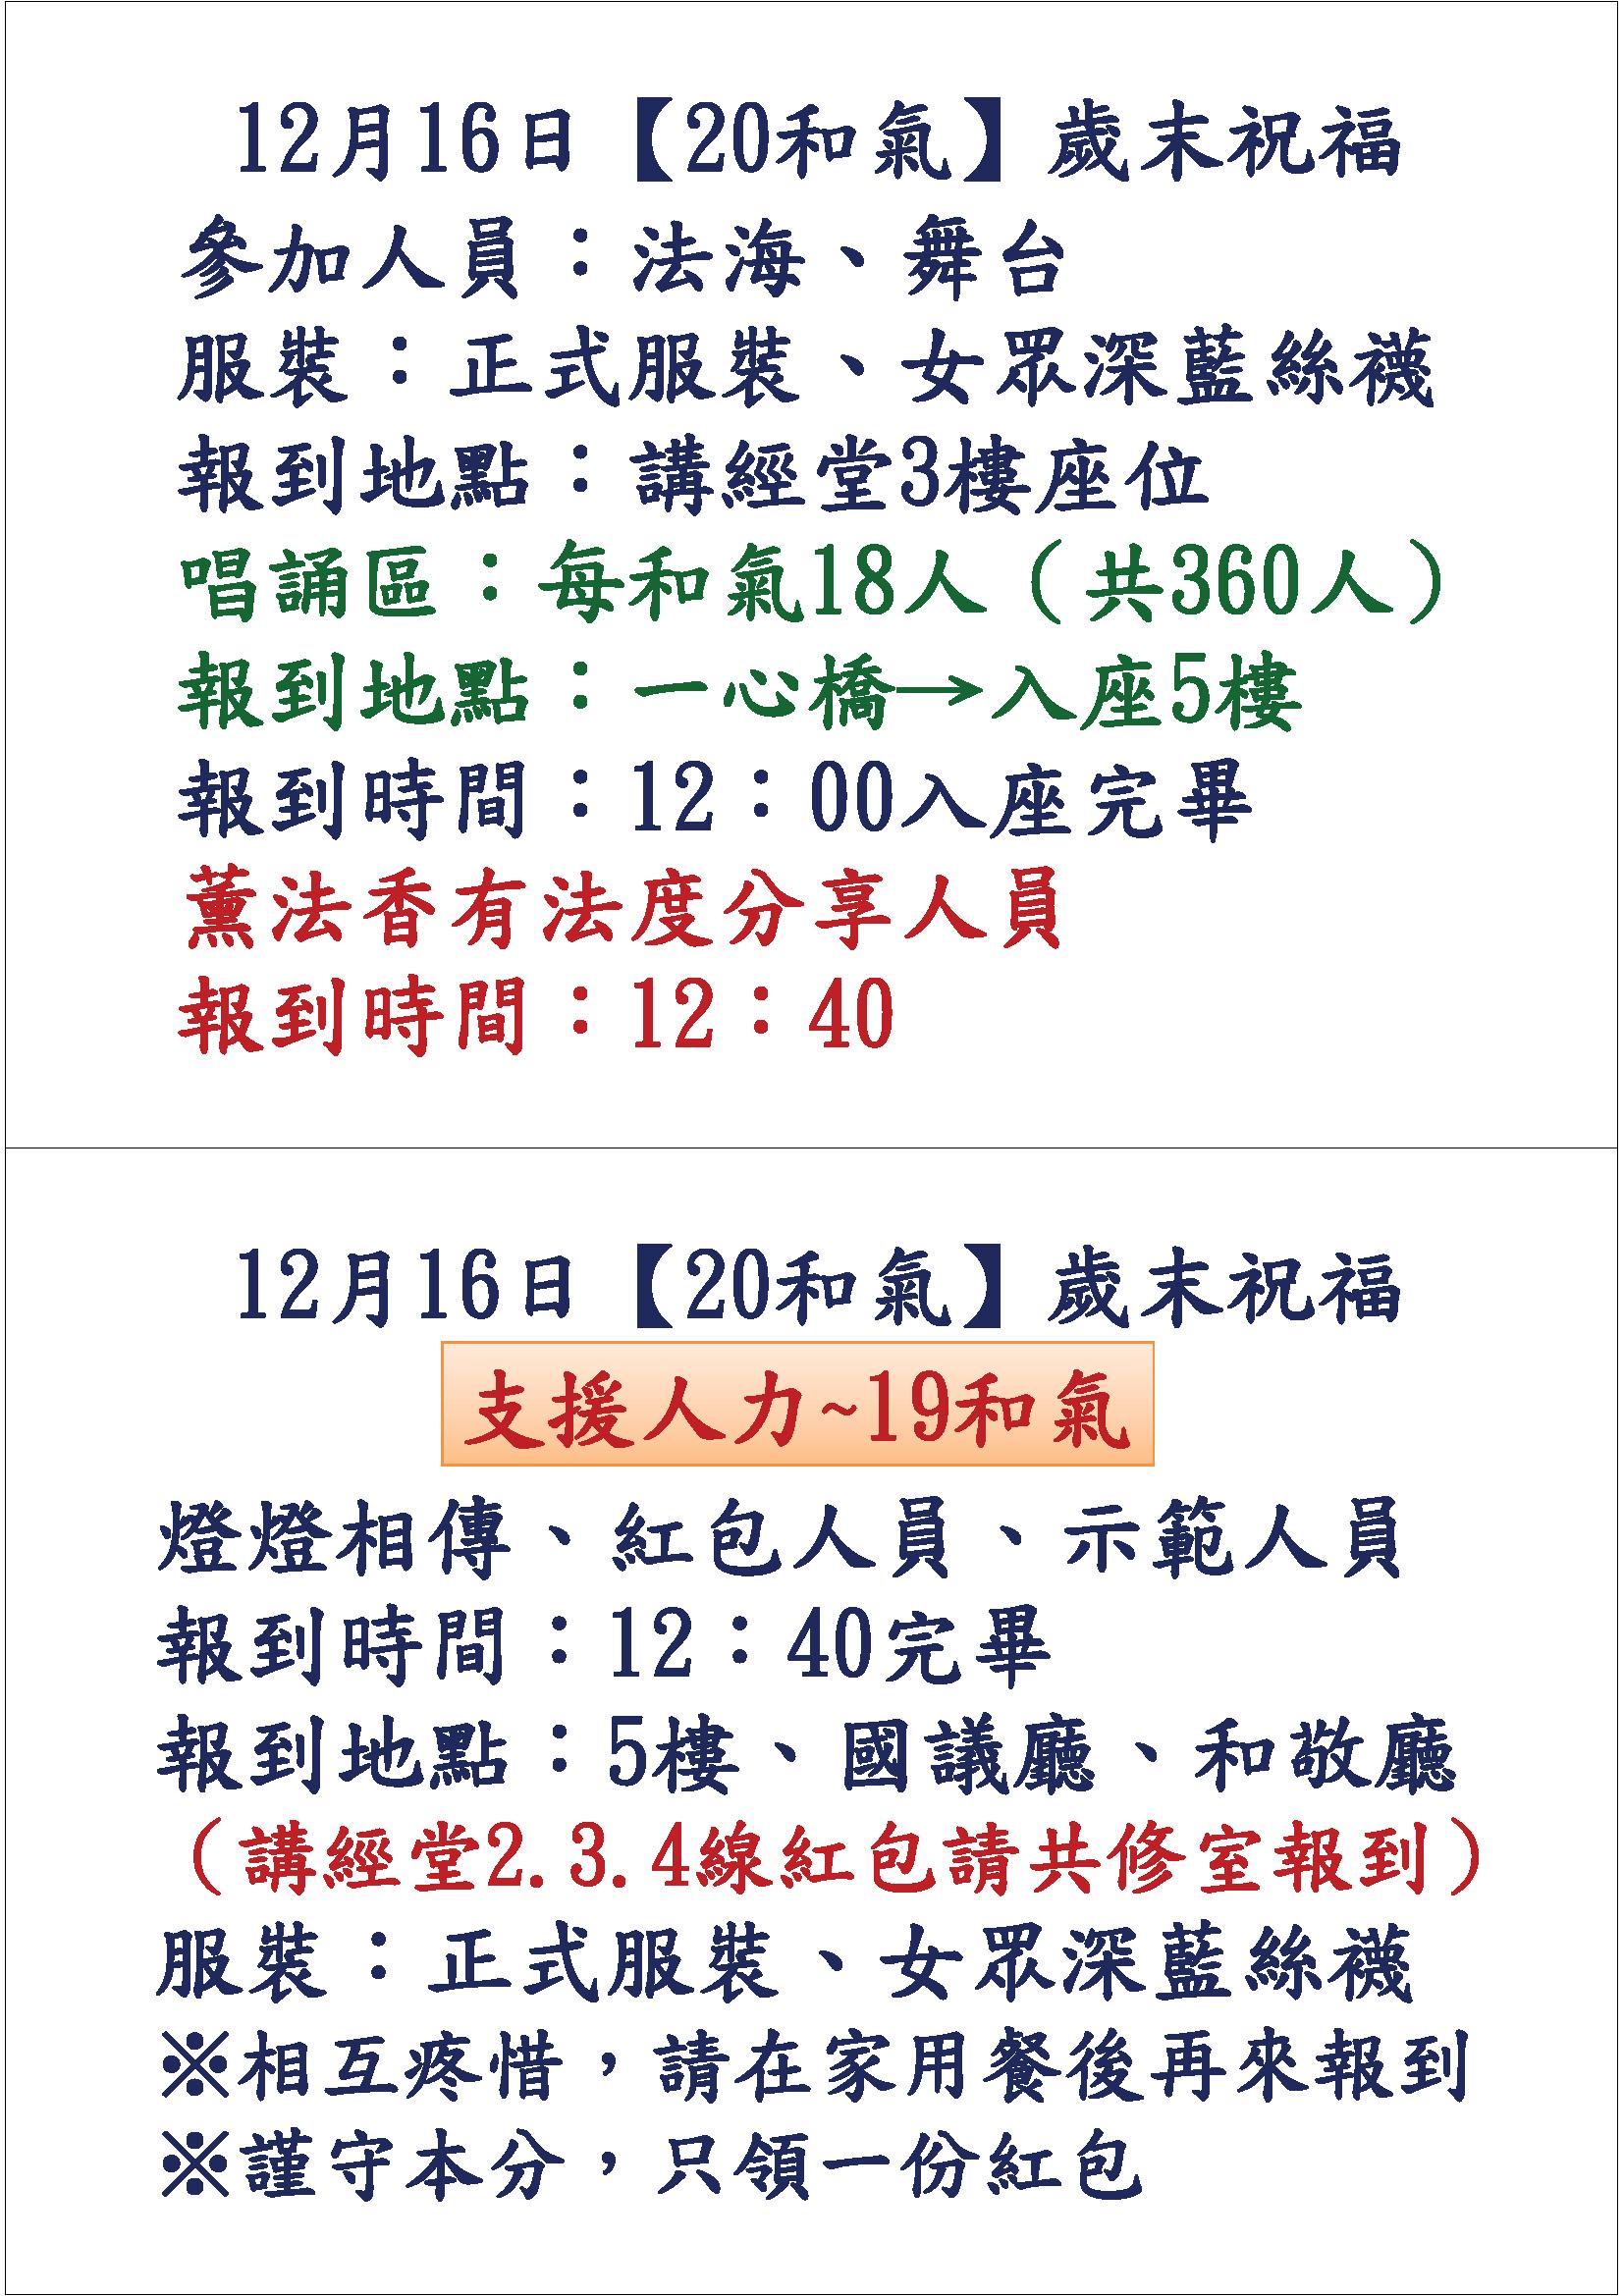 12月16日20和氣歲末祝福報到叮嚀.png